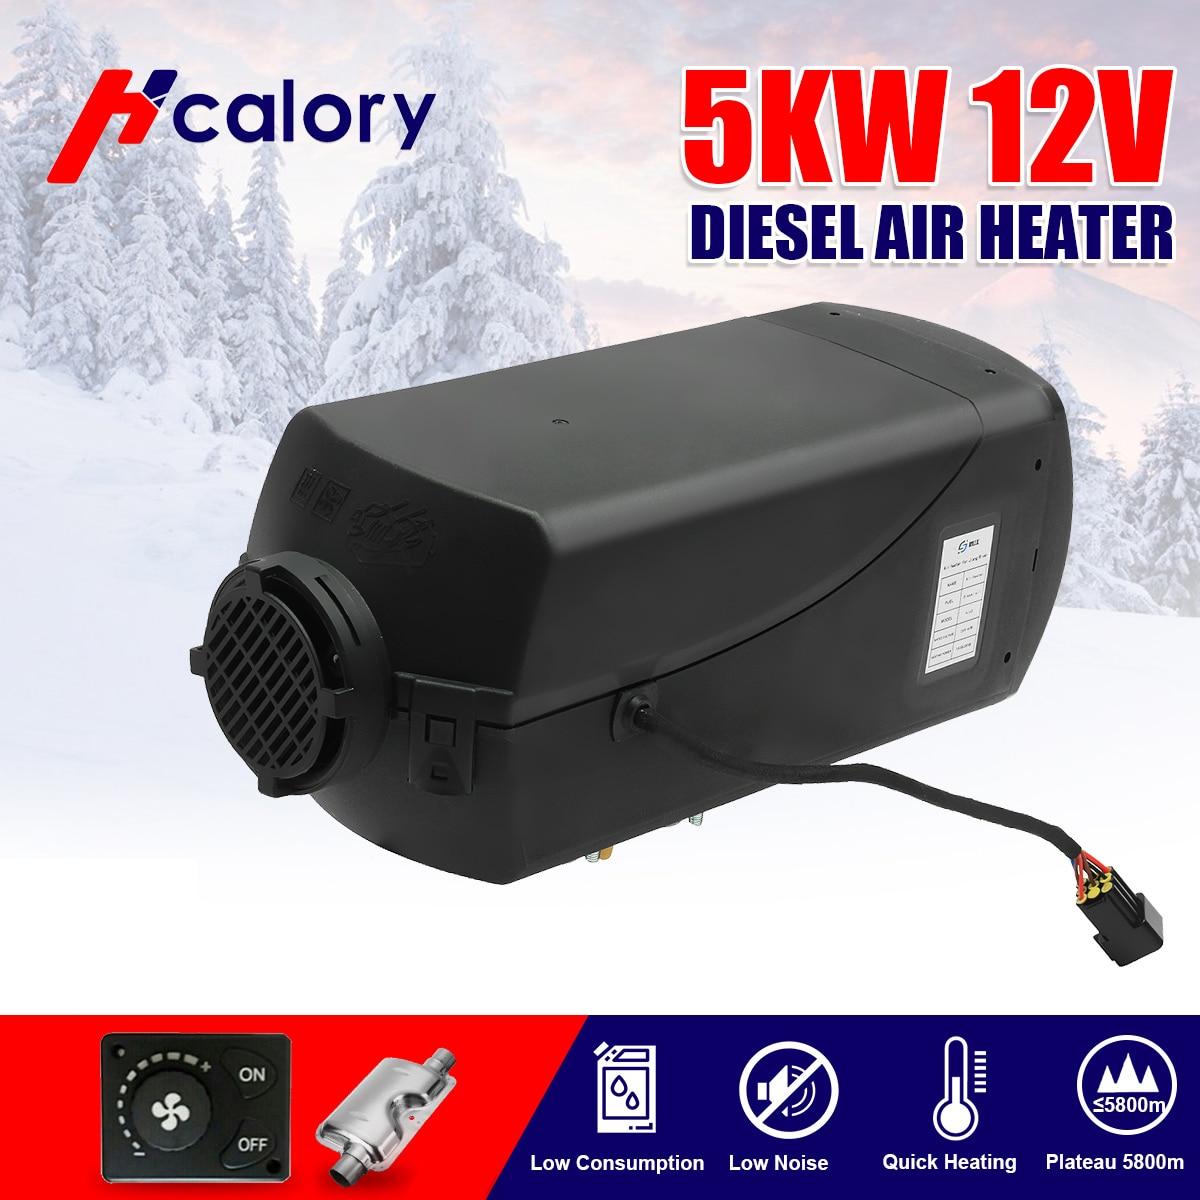 Réchauffeur d'air de Diesels de réchauffeur de voiture de 5000W 12V 5KW/2KW pour RV, remorque de camping-Car, camions, bateaux bouton commutateur silencieux pour libre